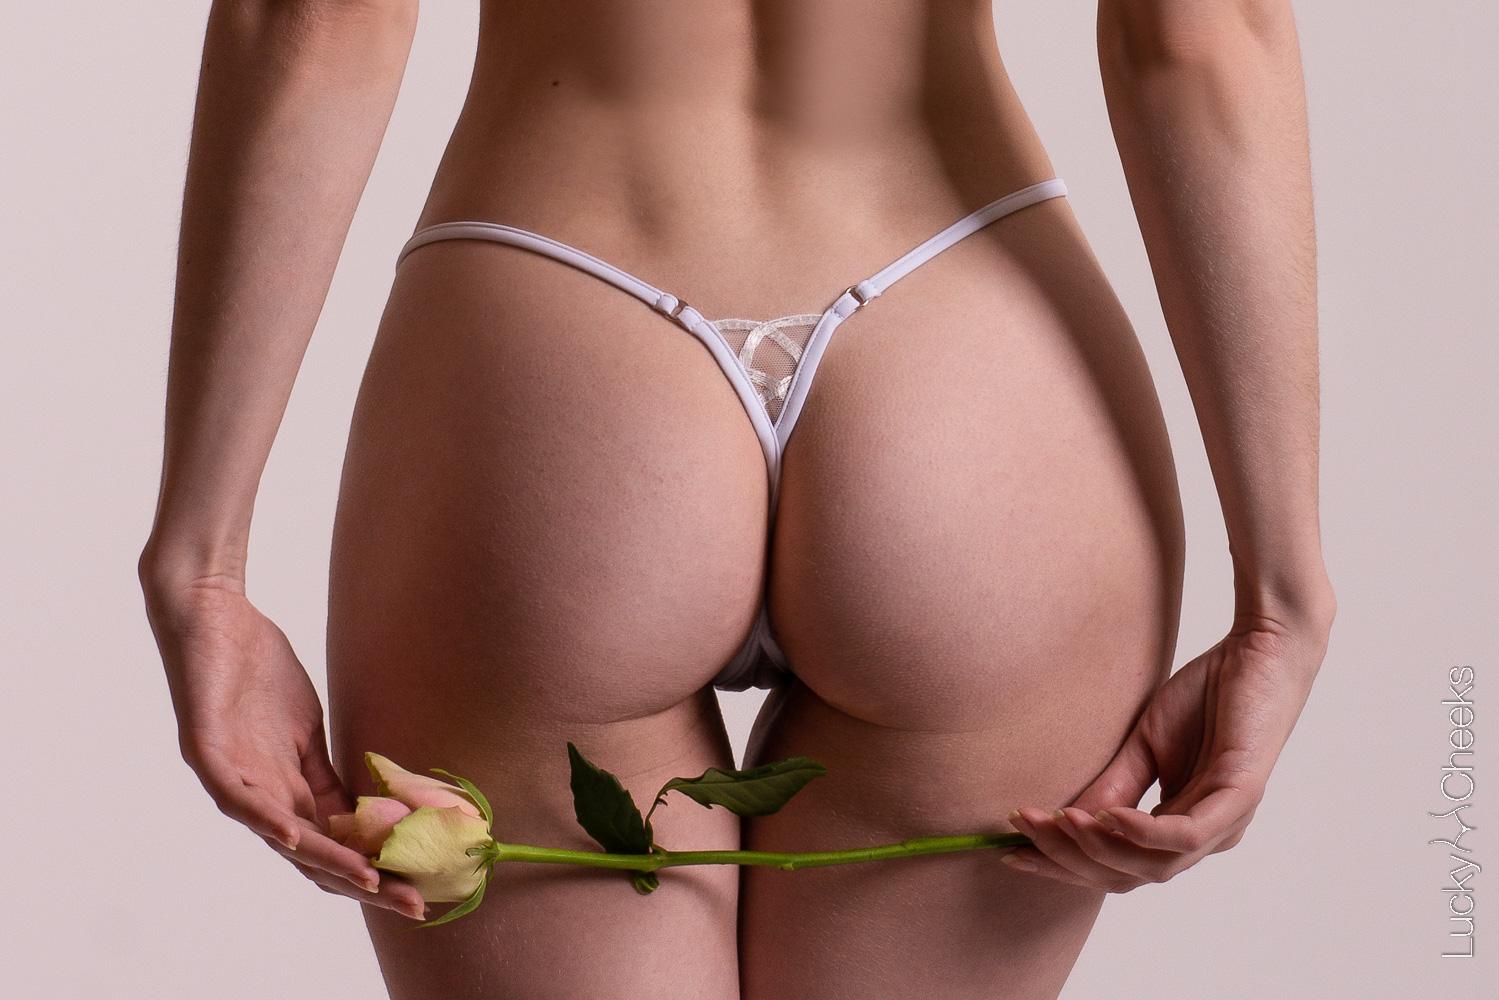 Mini thongs